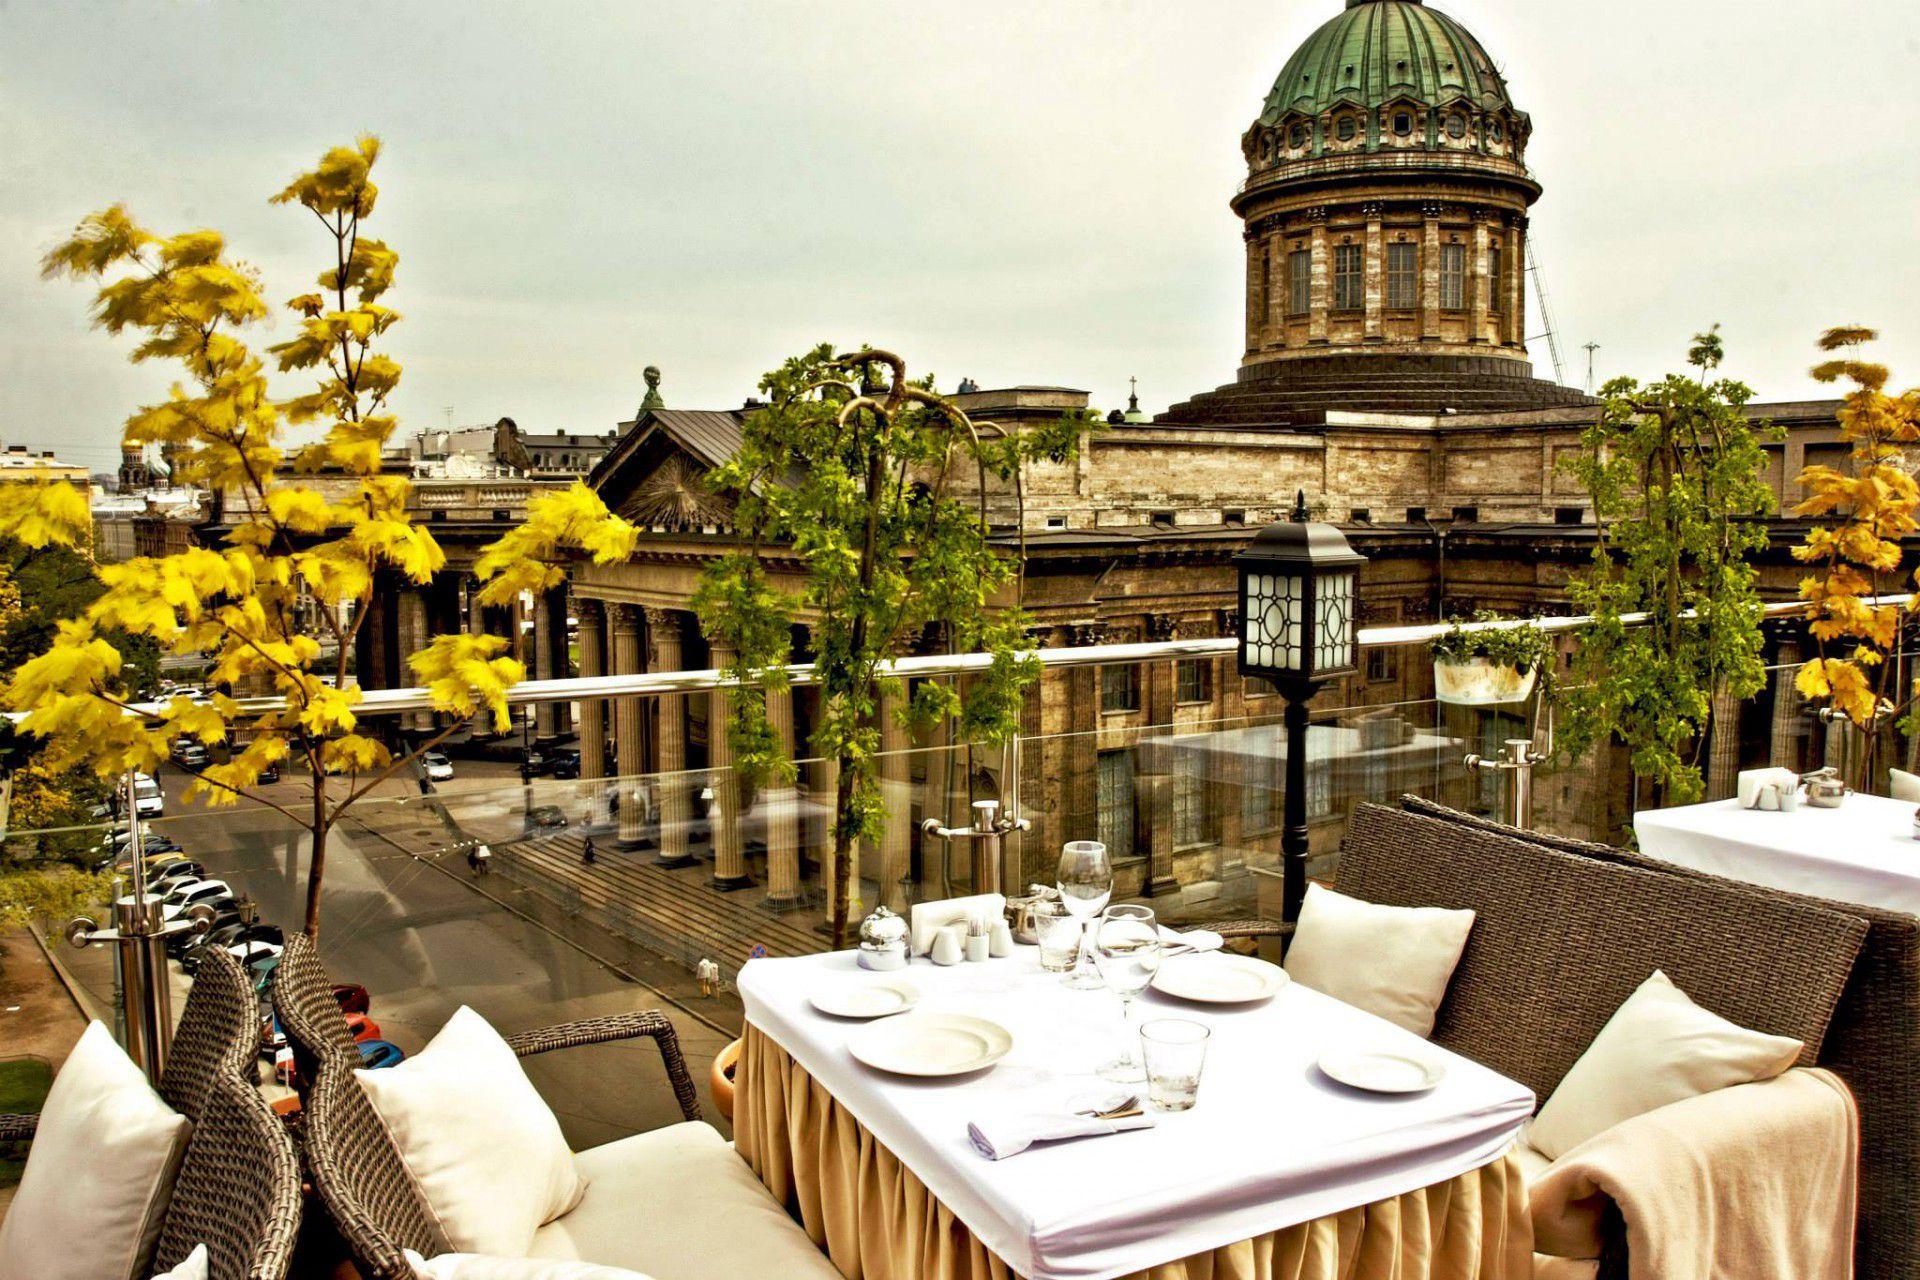 меню ресторана терраса в санкт петербурге фото целебные